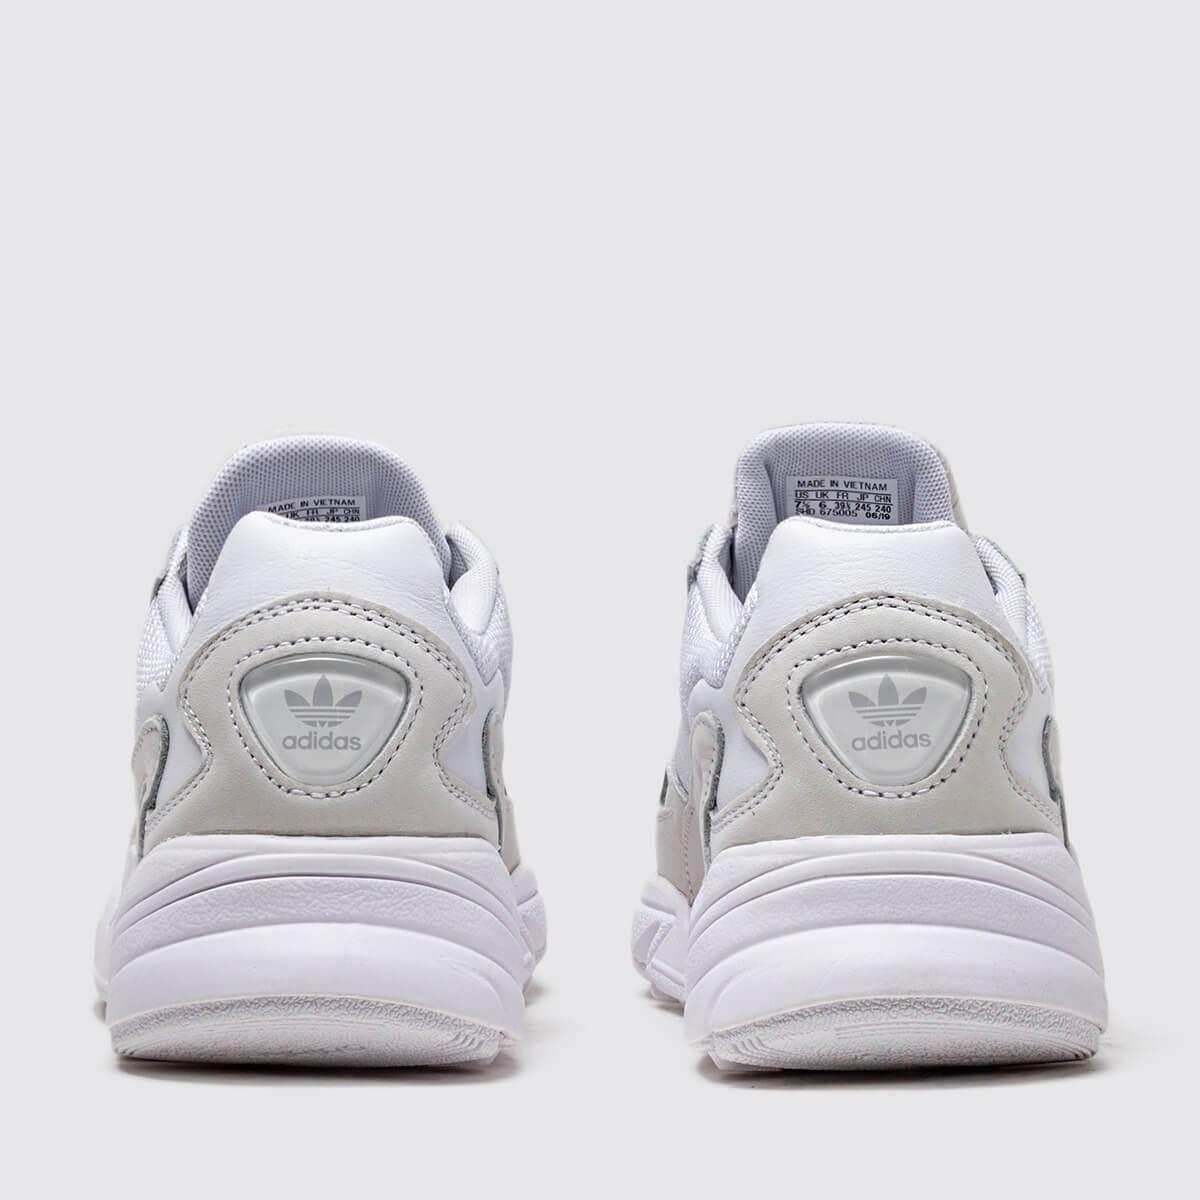 Adidas Falcon W (B28128-Ftwwhite/Ftwwhite/Crywht)